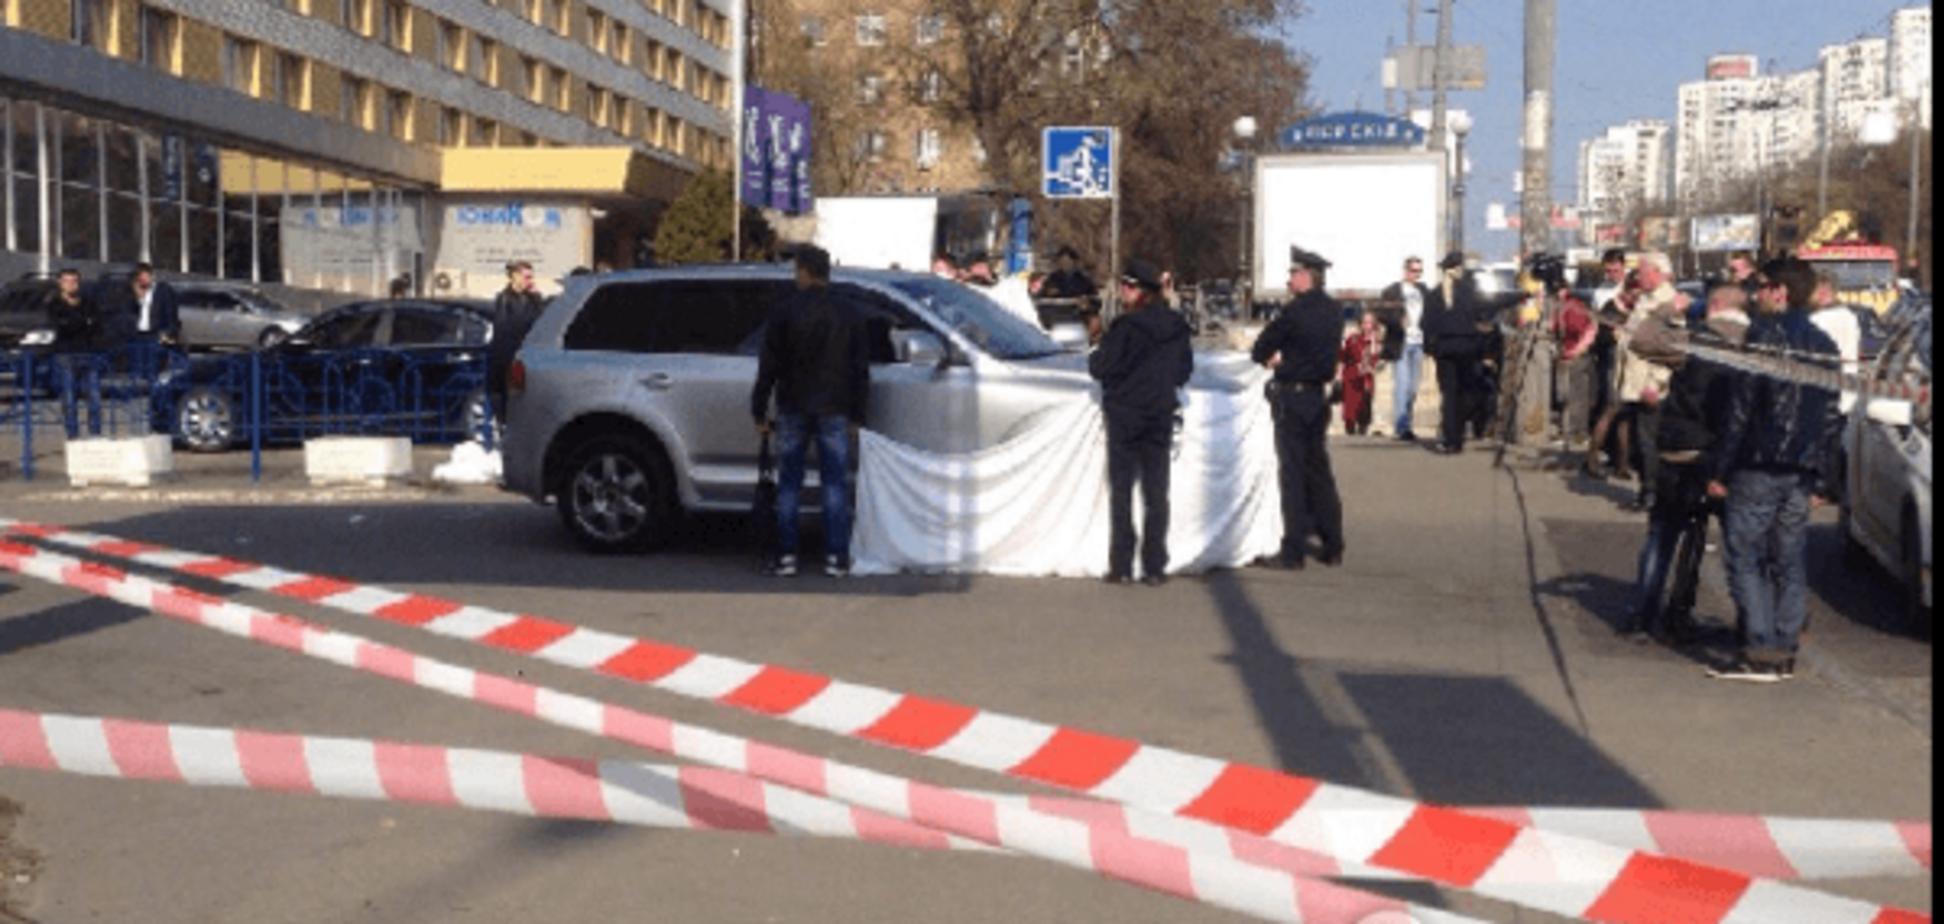 Стали відомі подробиці розстрілу директора спортклубу в Києві